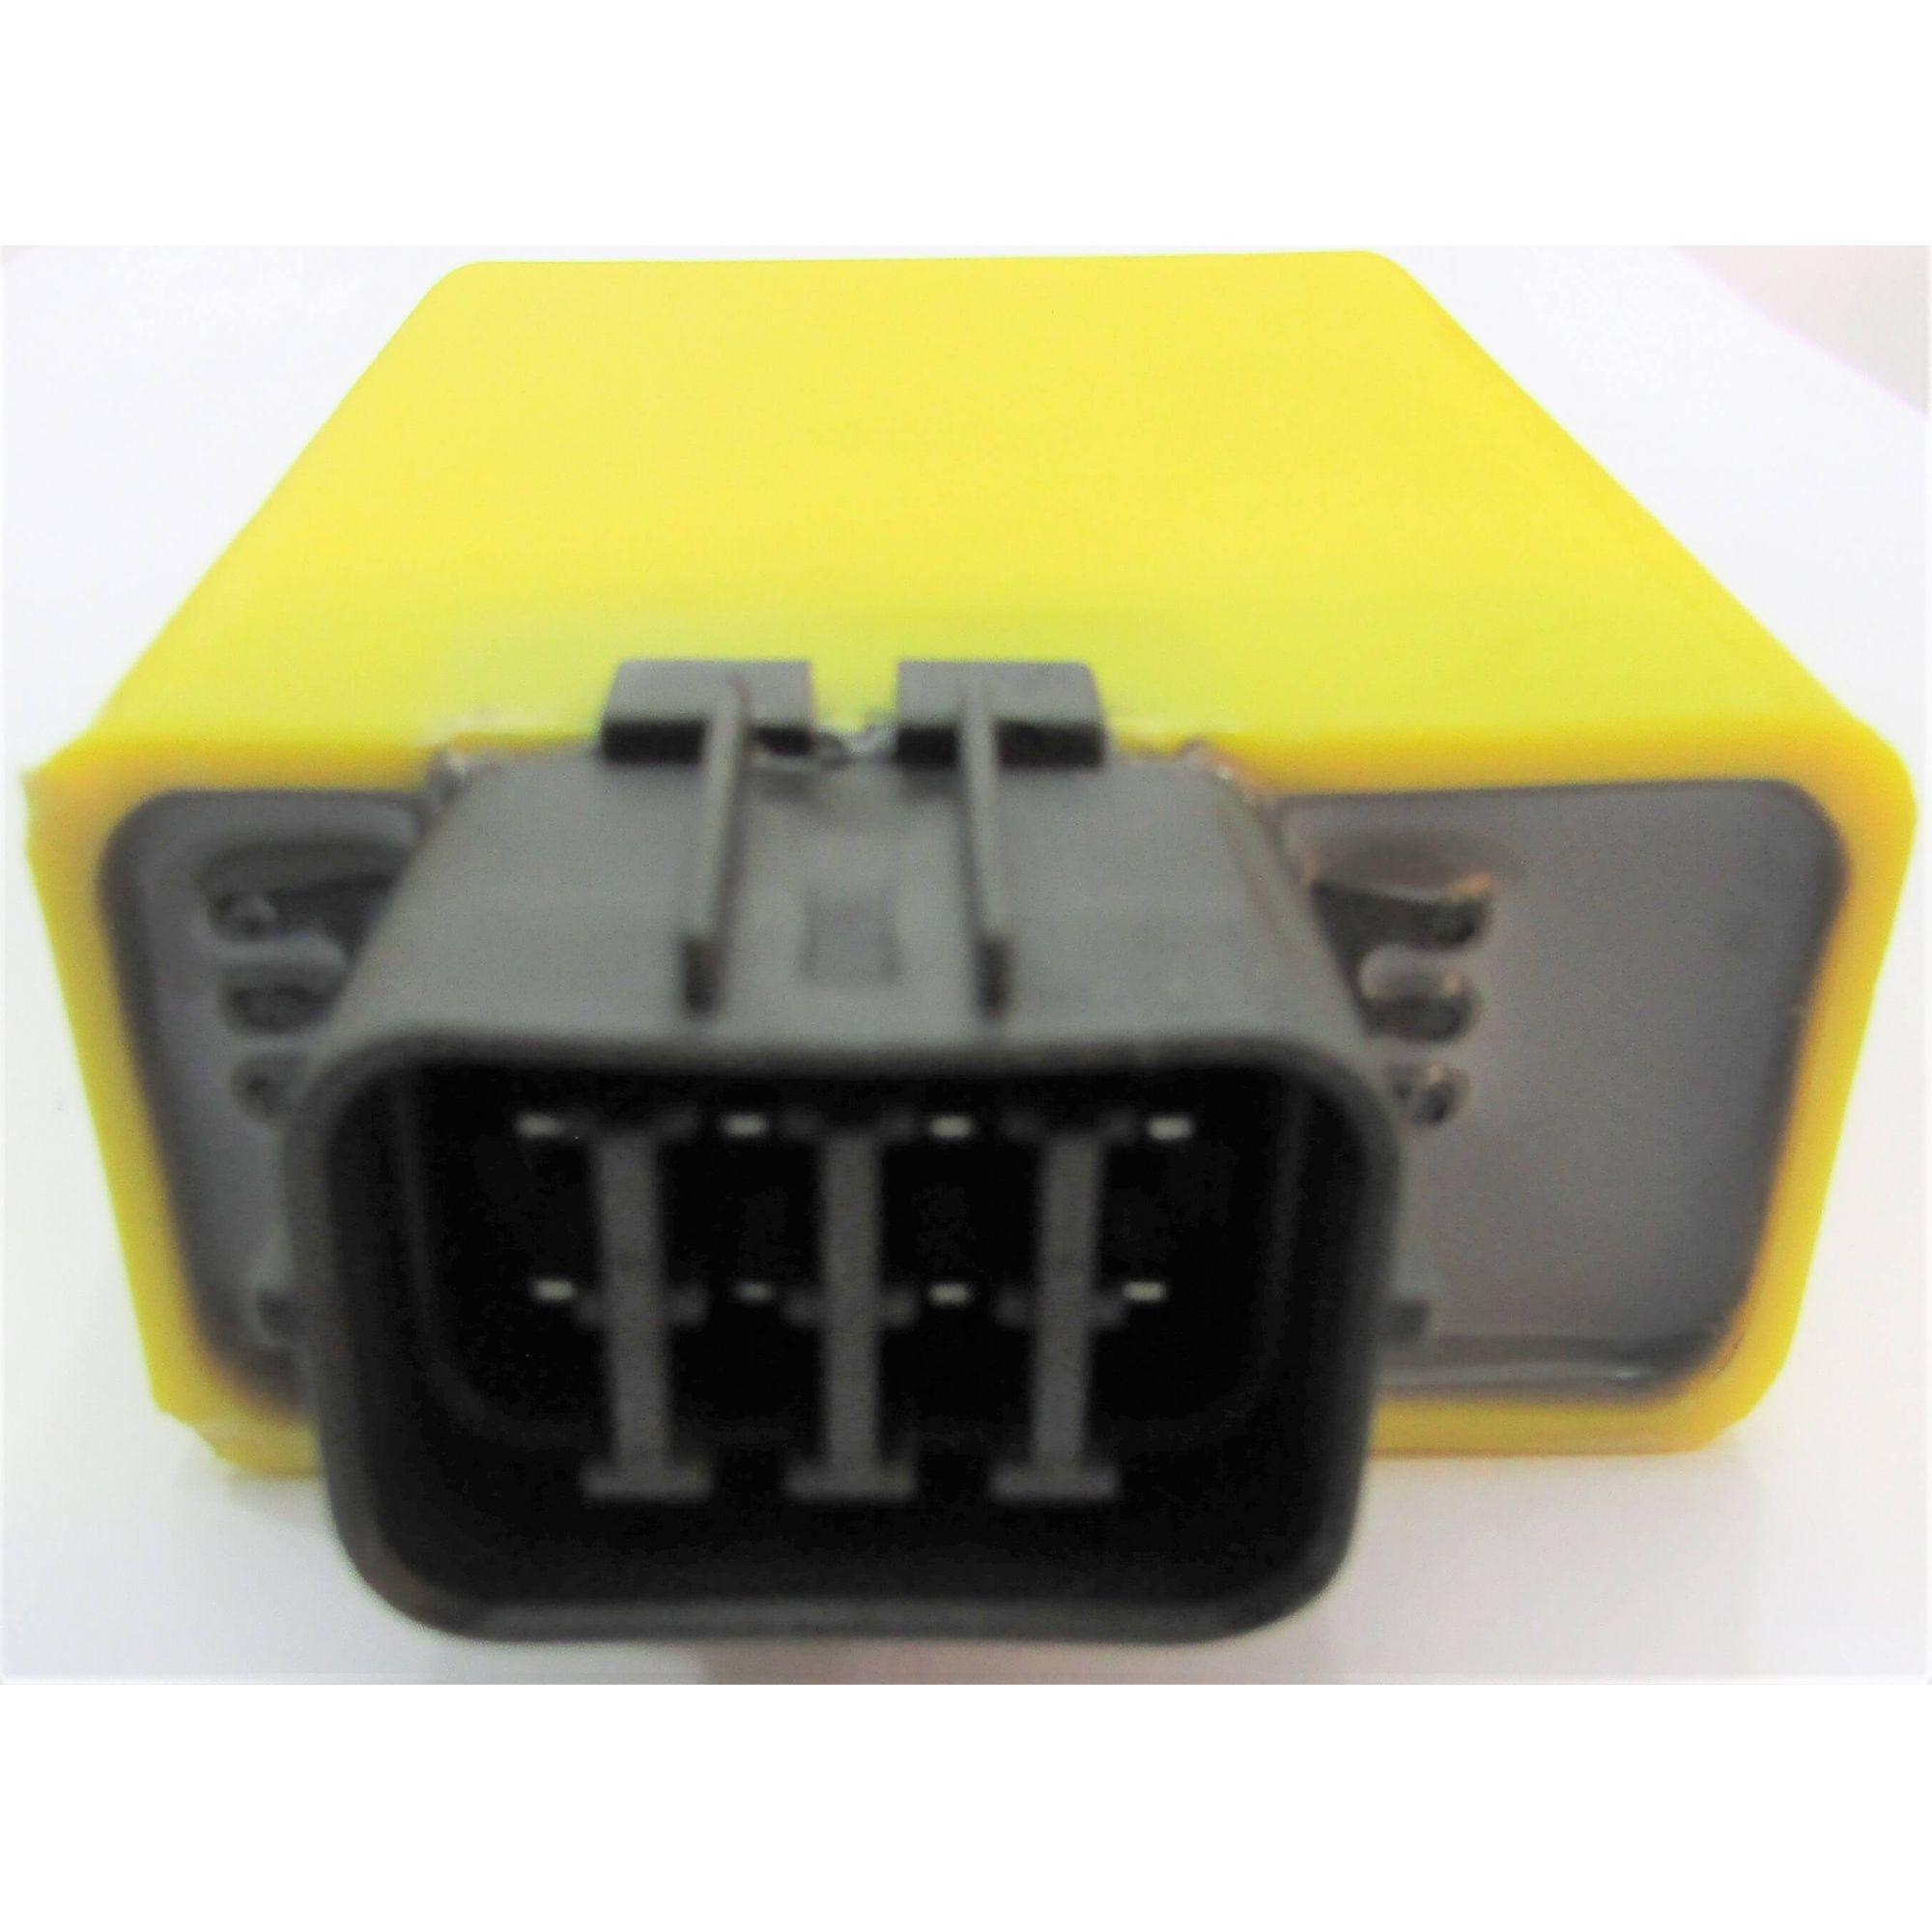 Central da Ignição CDI Modelo Racing Honda NX4 FALCON 400 c/ corte de giros 10800 Rpm